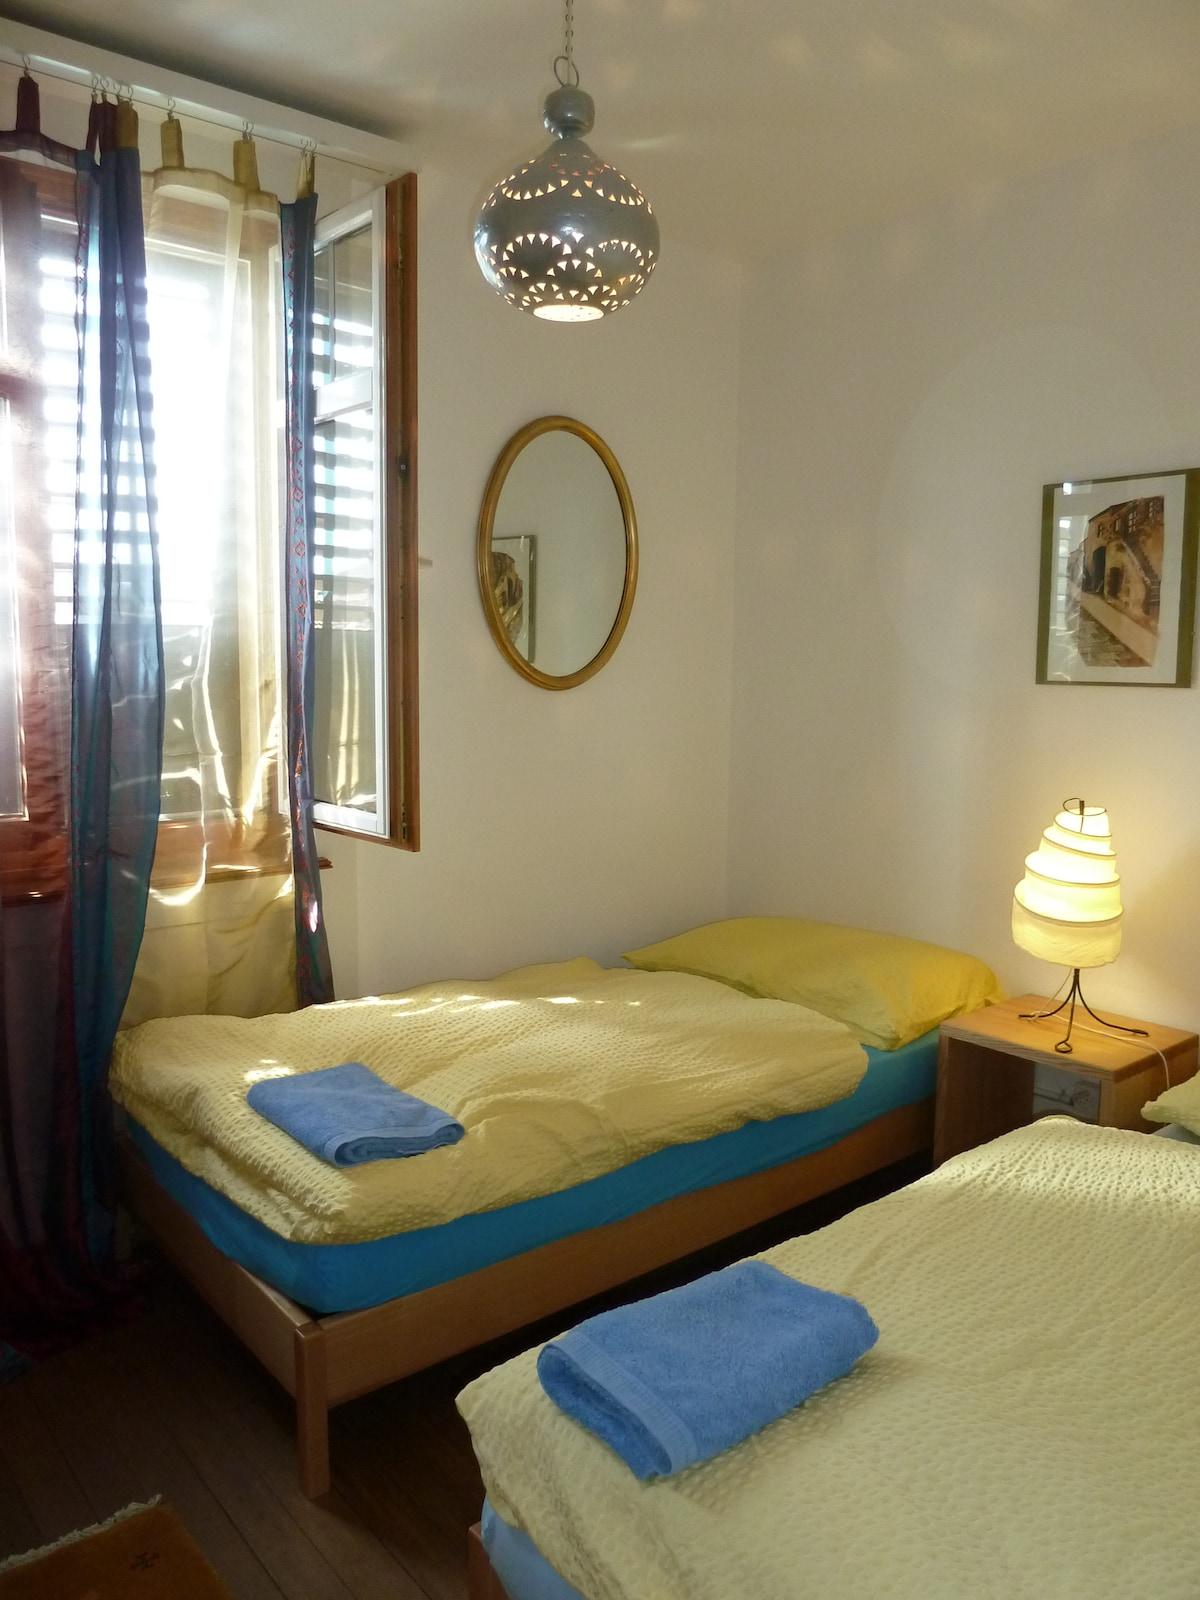 Doppelzimmer mit zwei separaten Betten